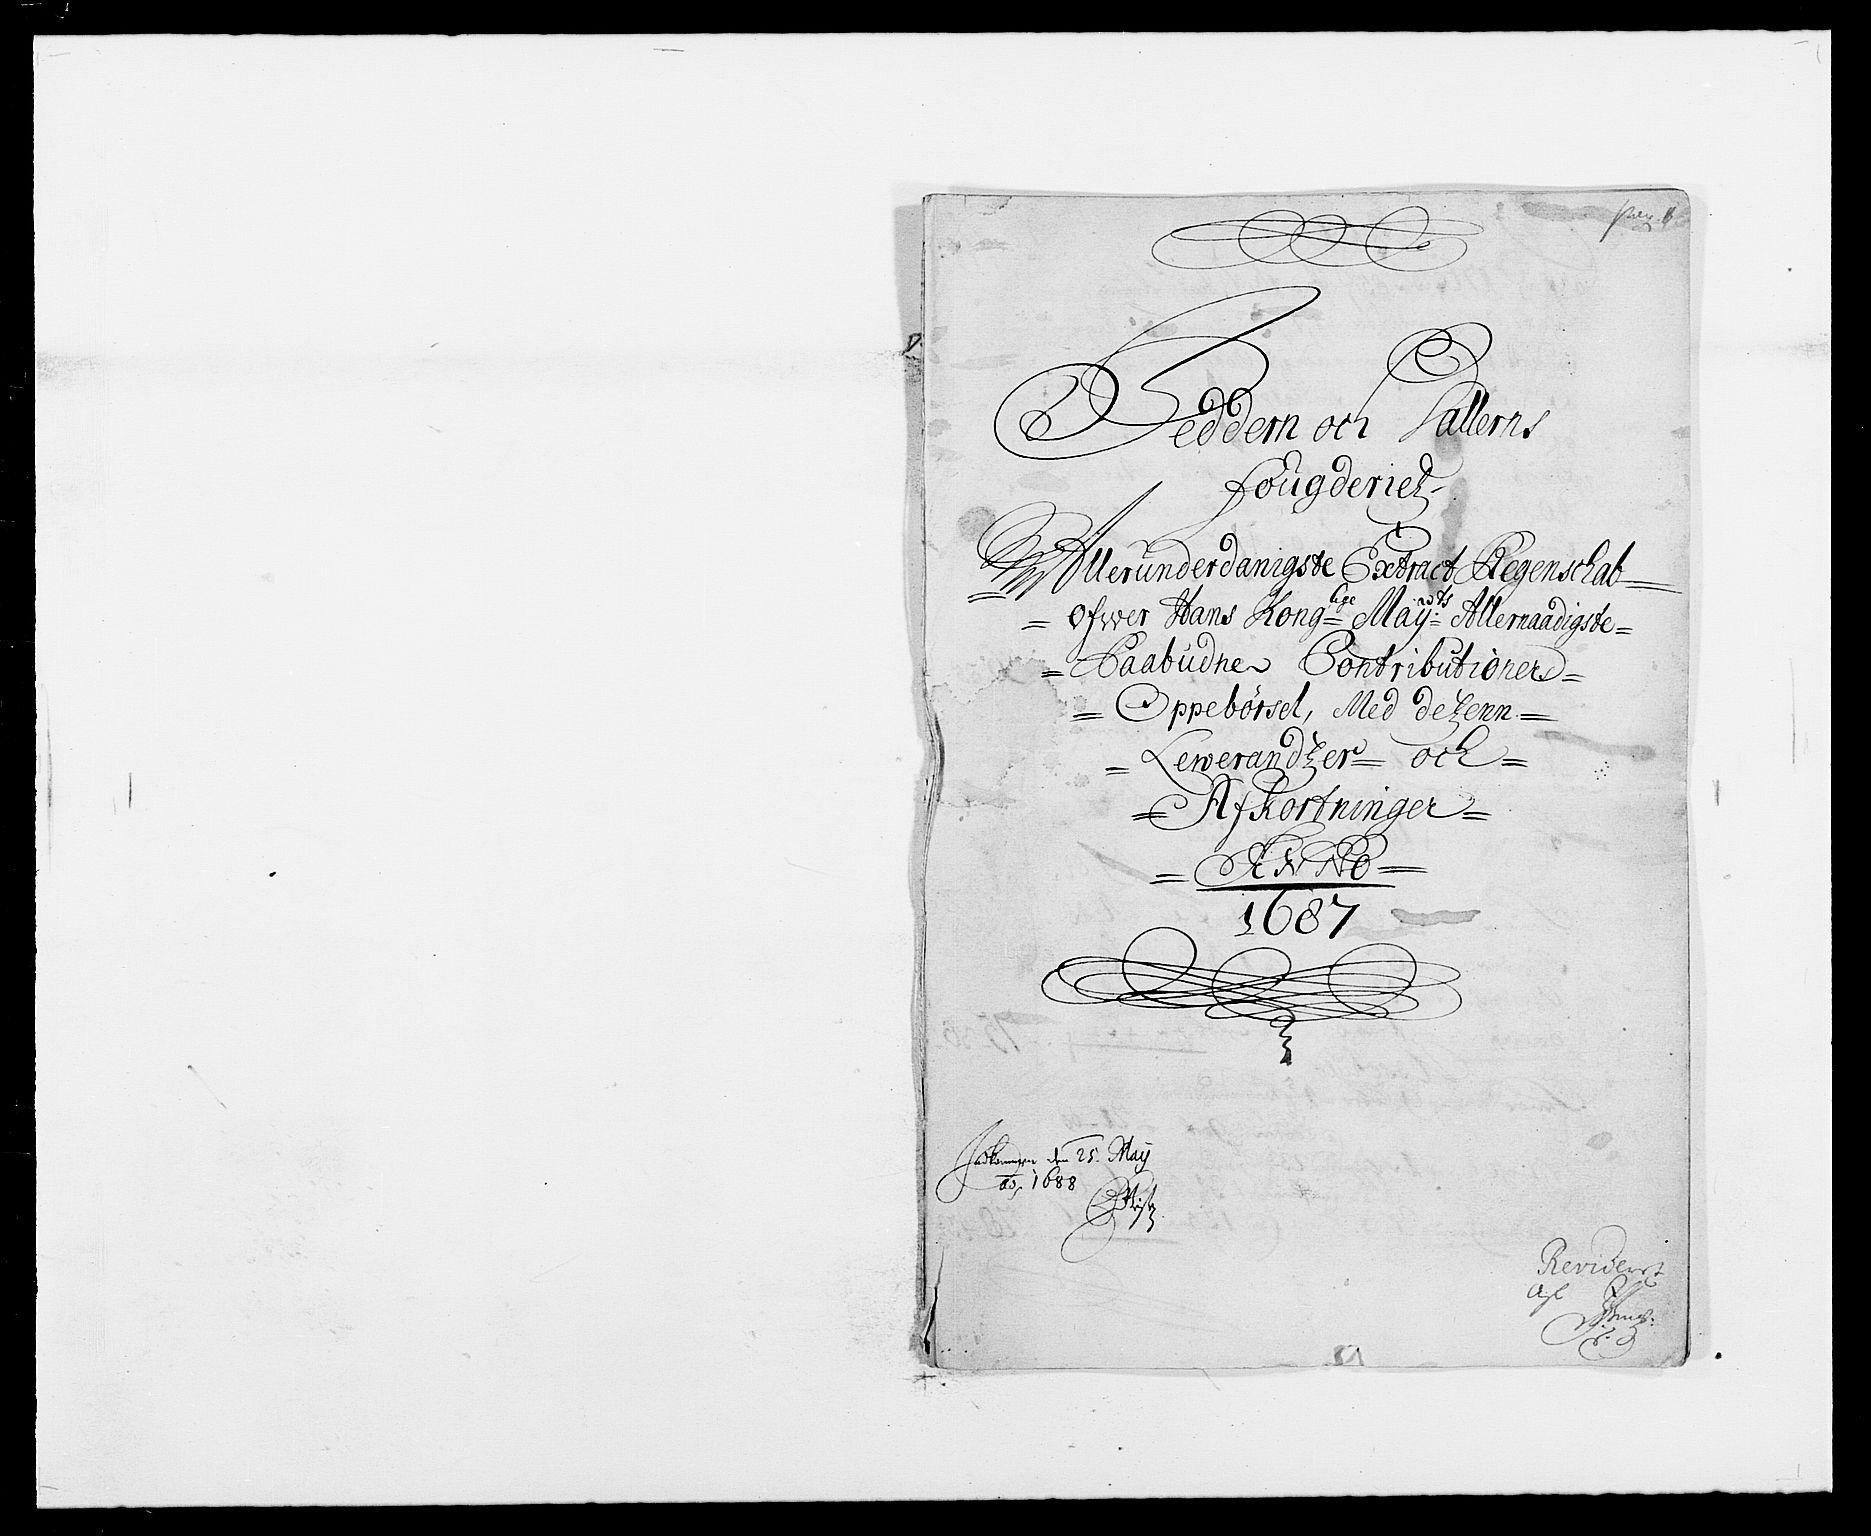 RA, Rentekammeret inntil 1814, Reviderte regnskaper, Fogderegnskap, R46/L2726: Fogderegnskap Jæren og Dalane, 1686-1689, s. 136